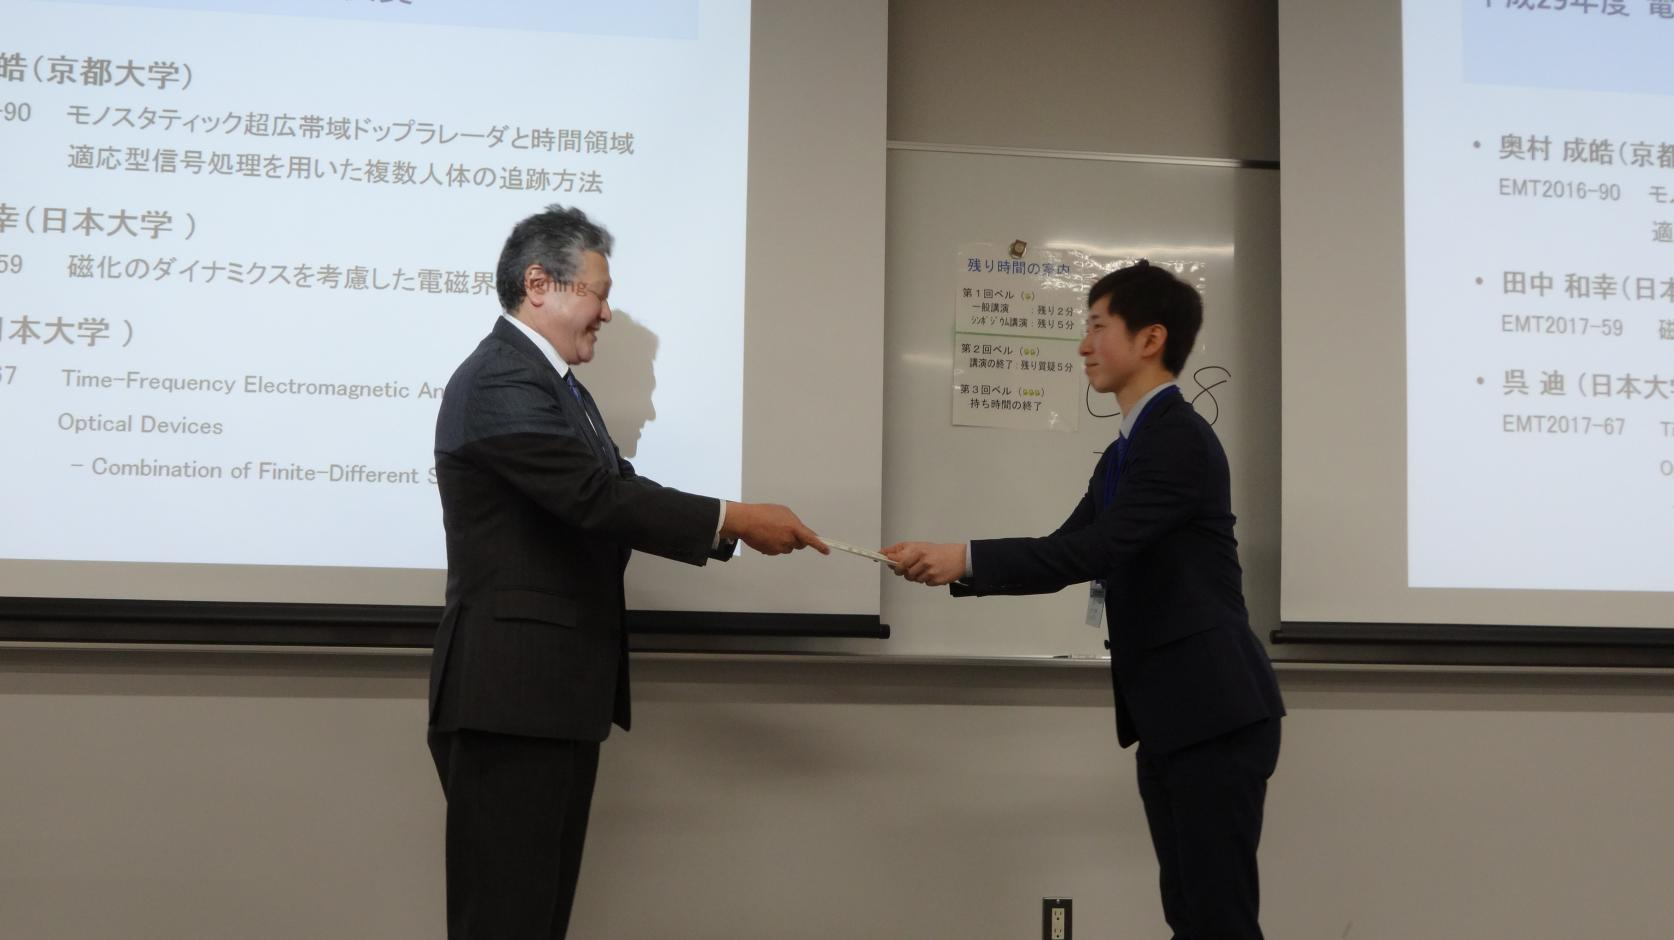 電気工学専攻修了(2018.3)の田中和幸さんが「電子情報通信学会」において、学生優秀発表賞を受賞しました。